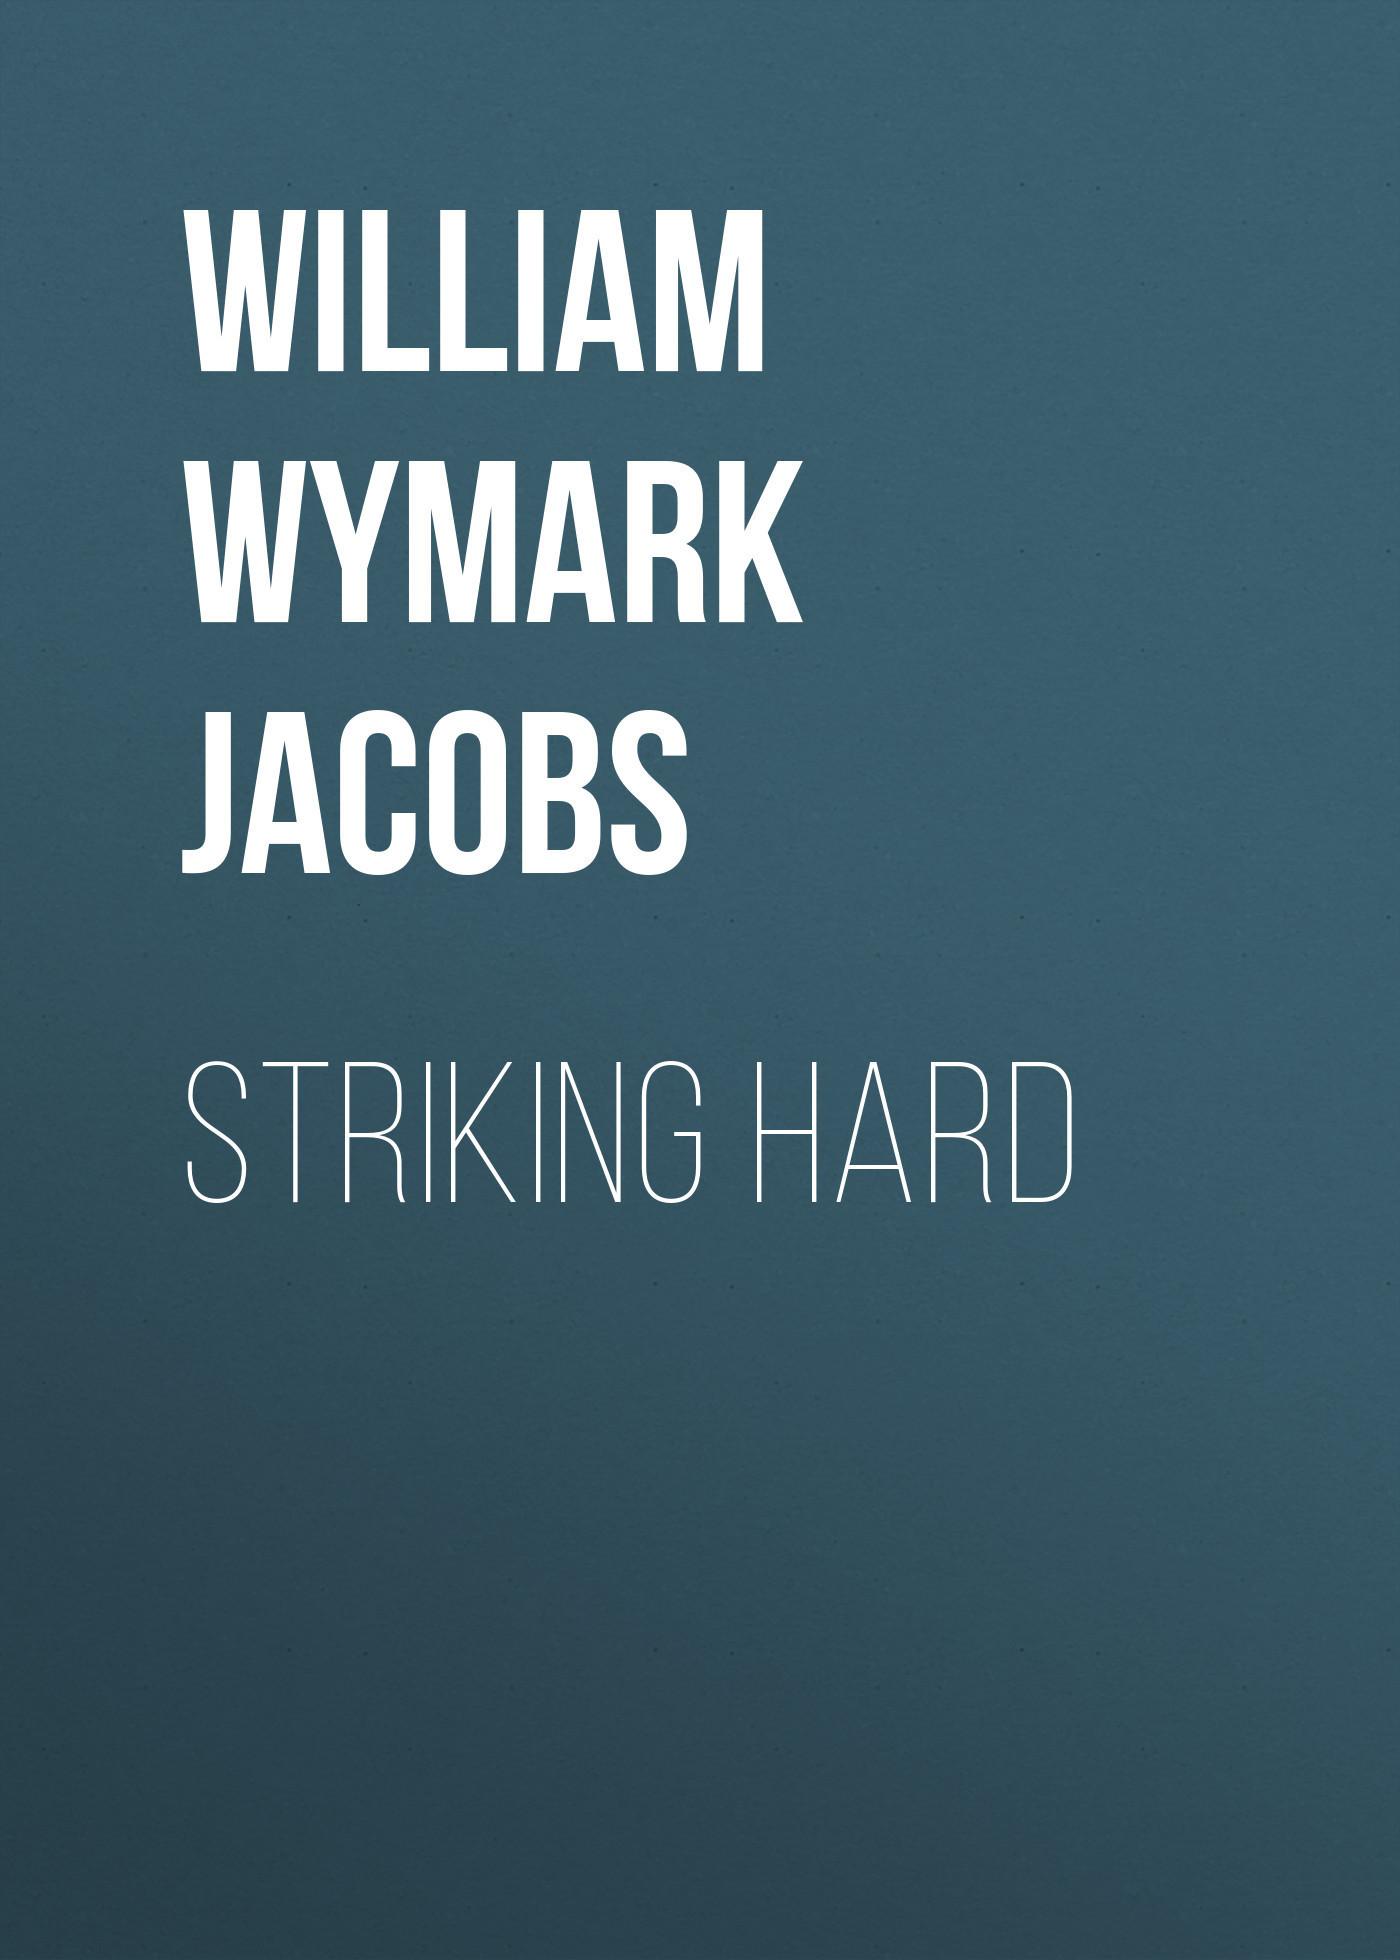 Striking Hard